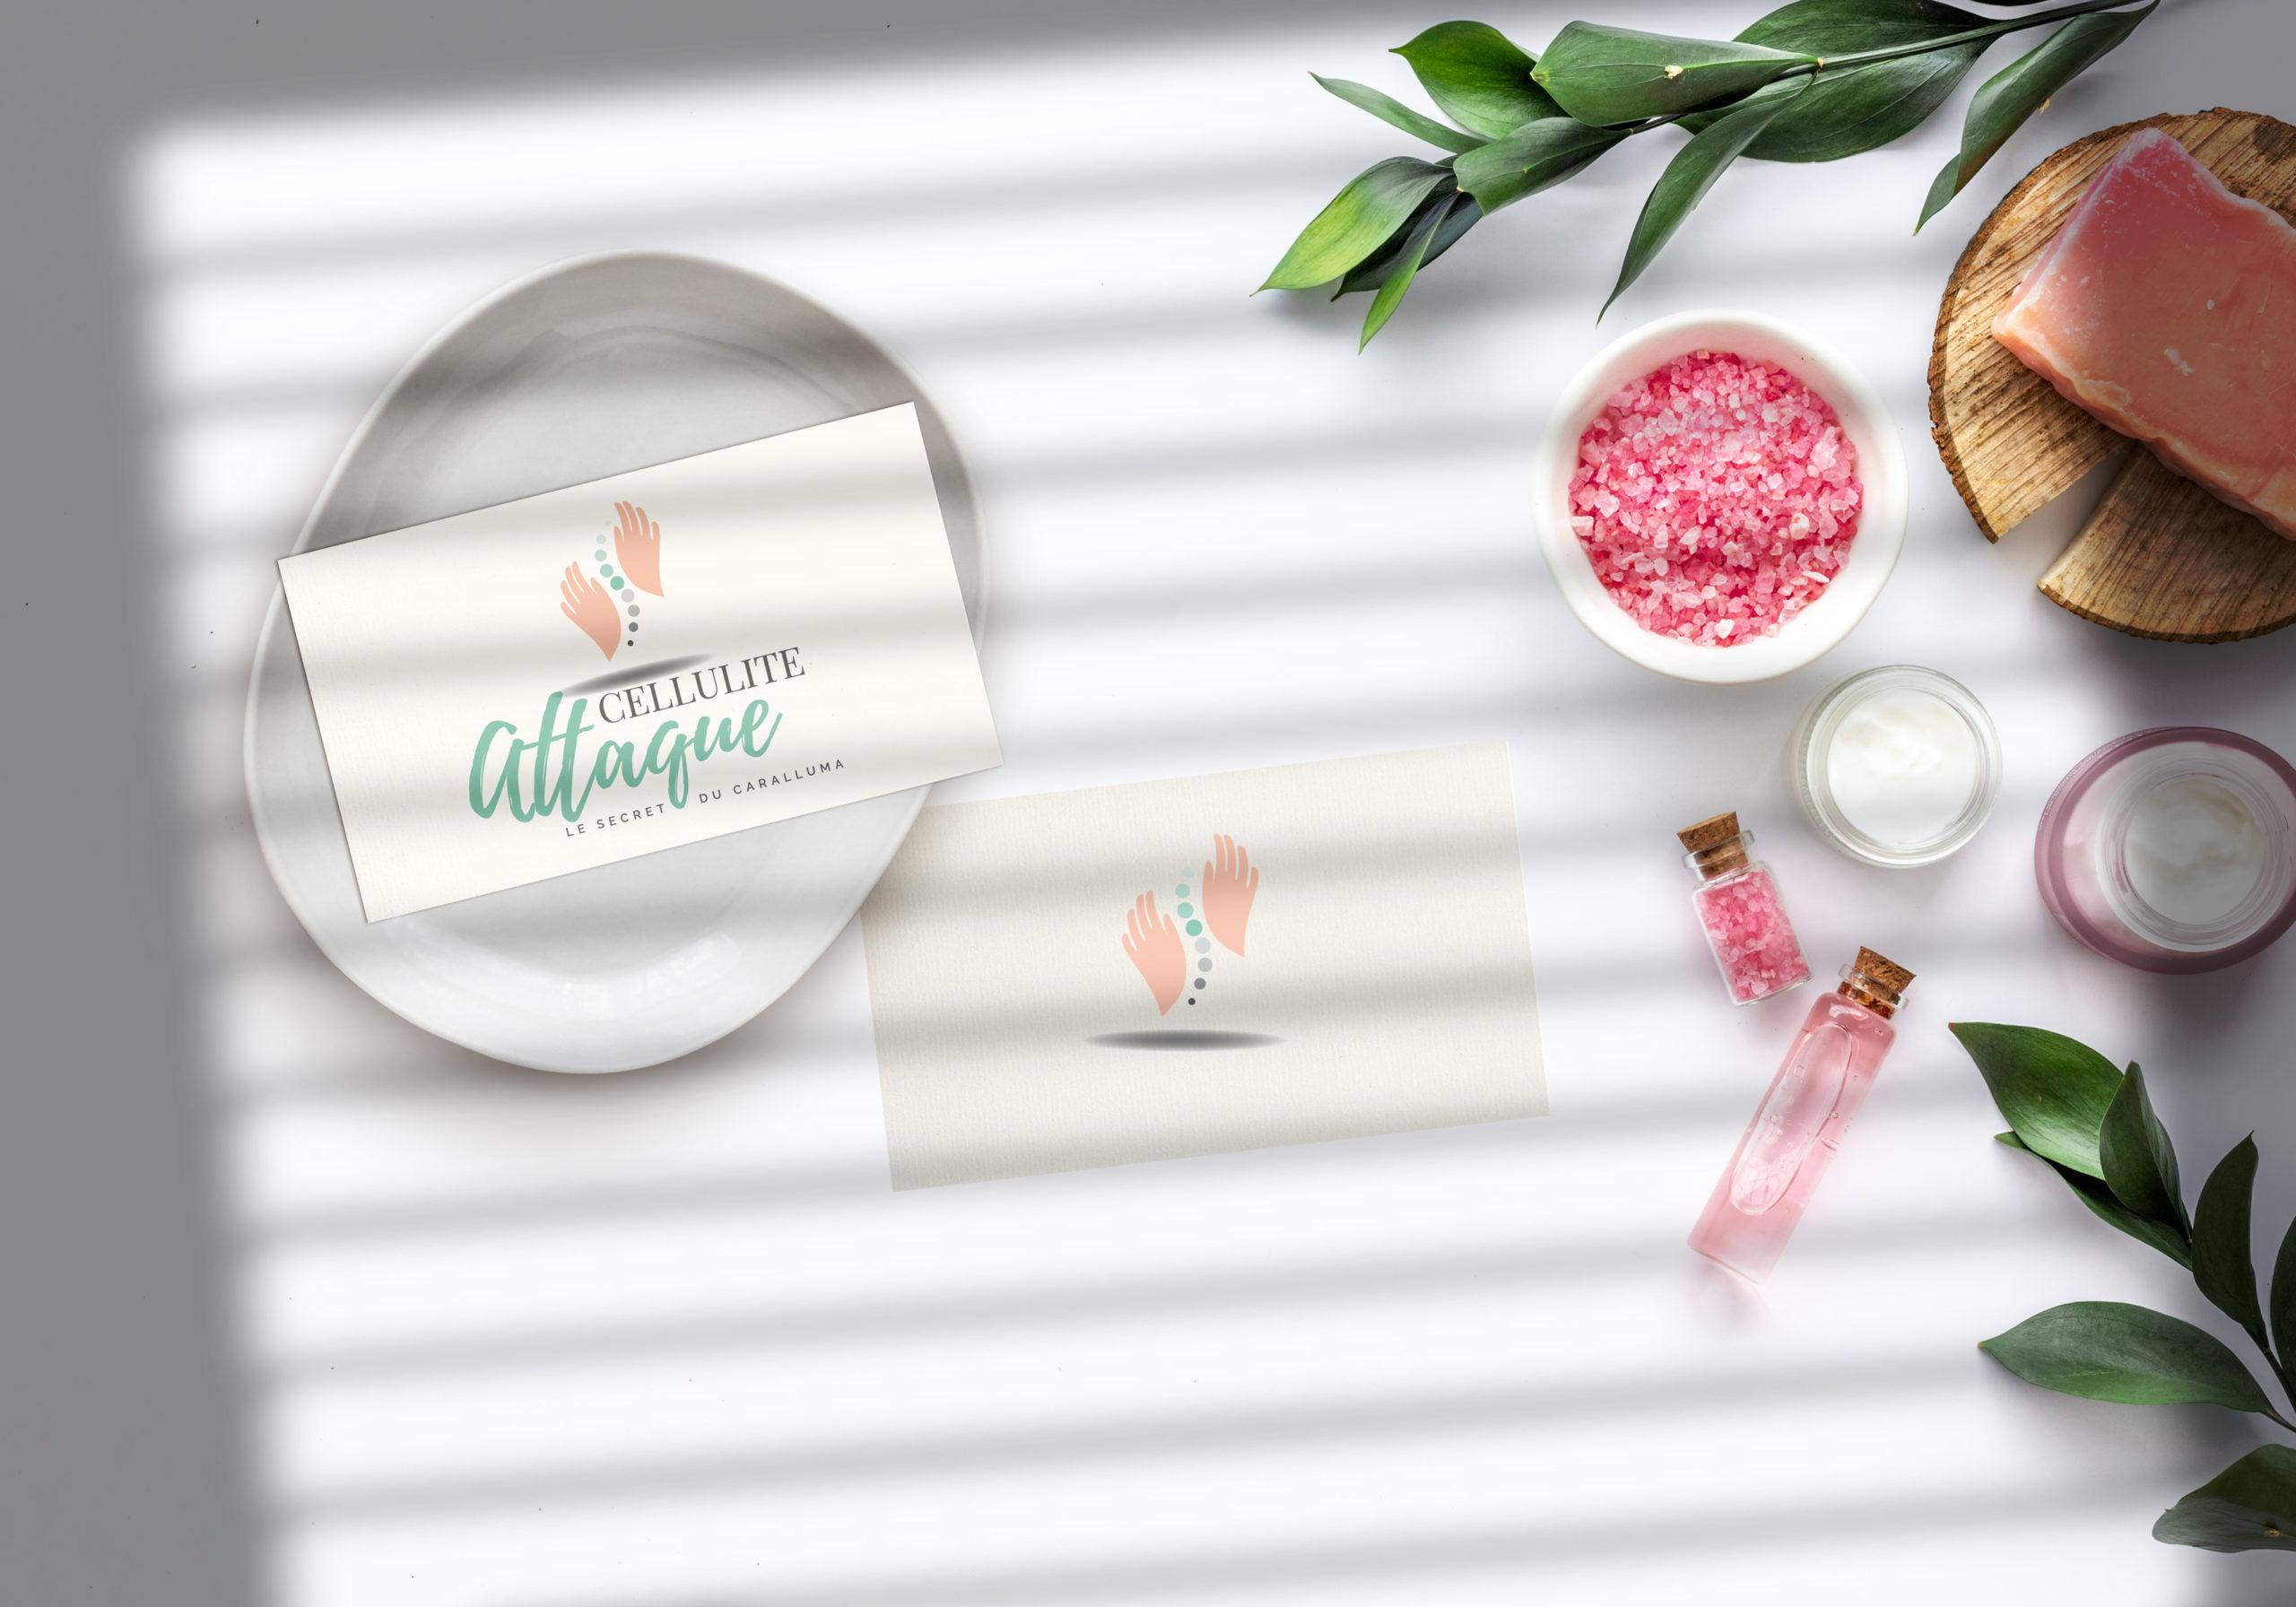 Branding marque cellulite Chic Studio